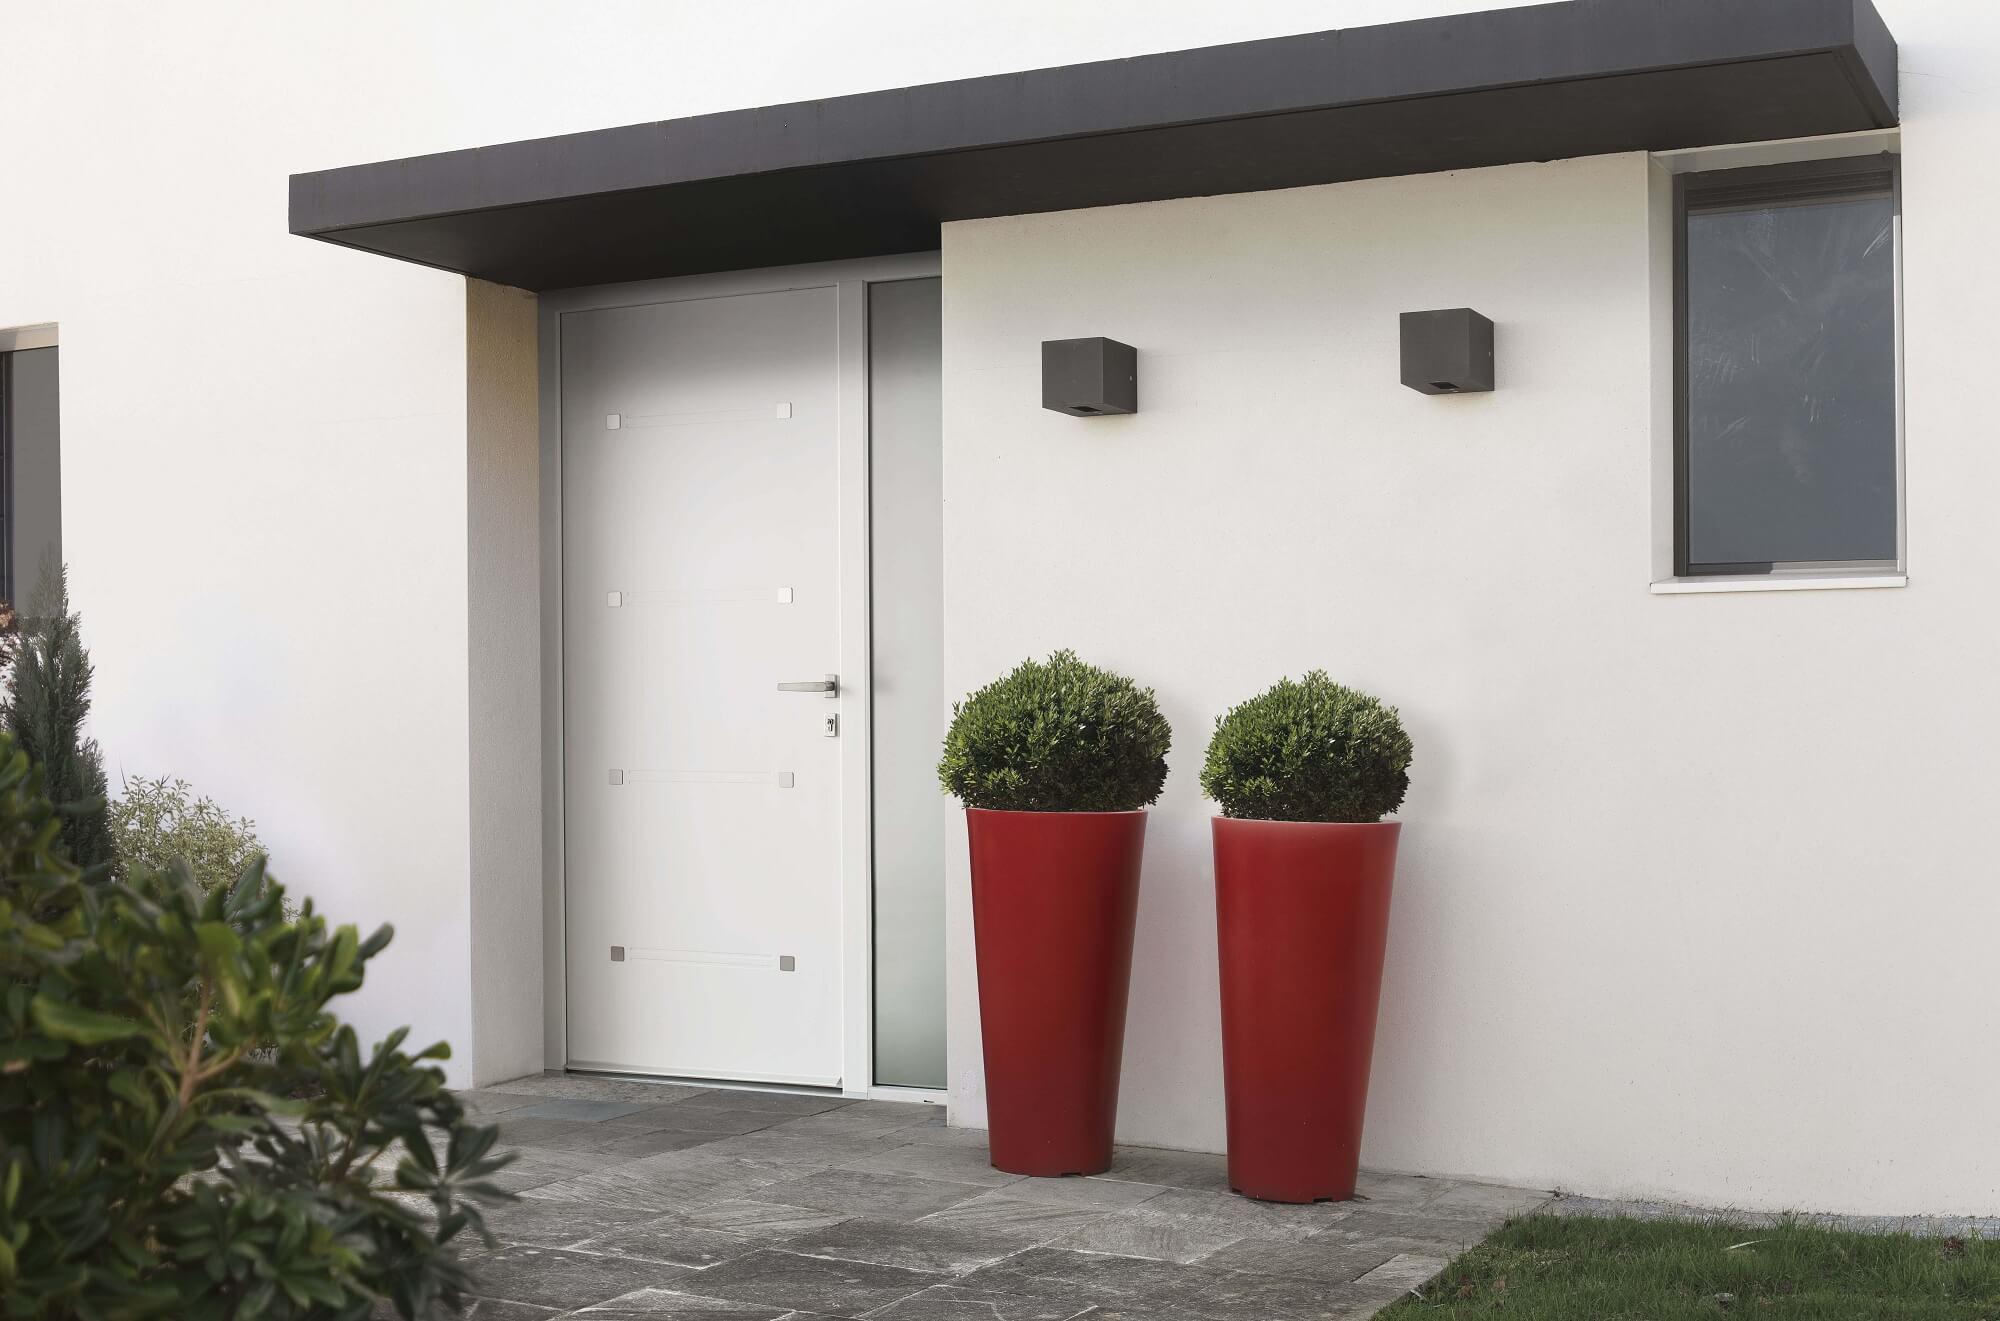 portes d 39 entr e pvc sur mesure fabriqu es en france solabaie. Black Bedroom Furniture Sets. Home Design Ideas